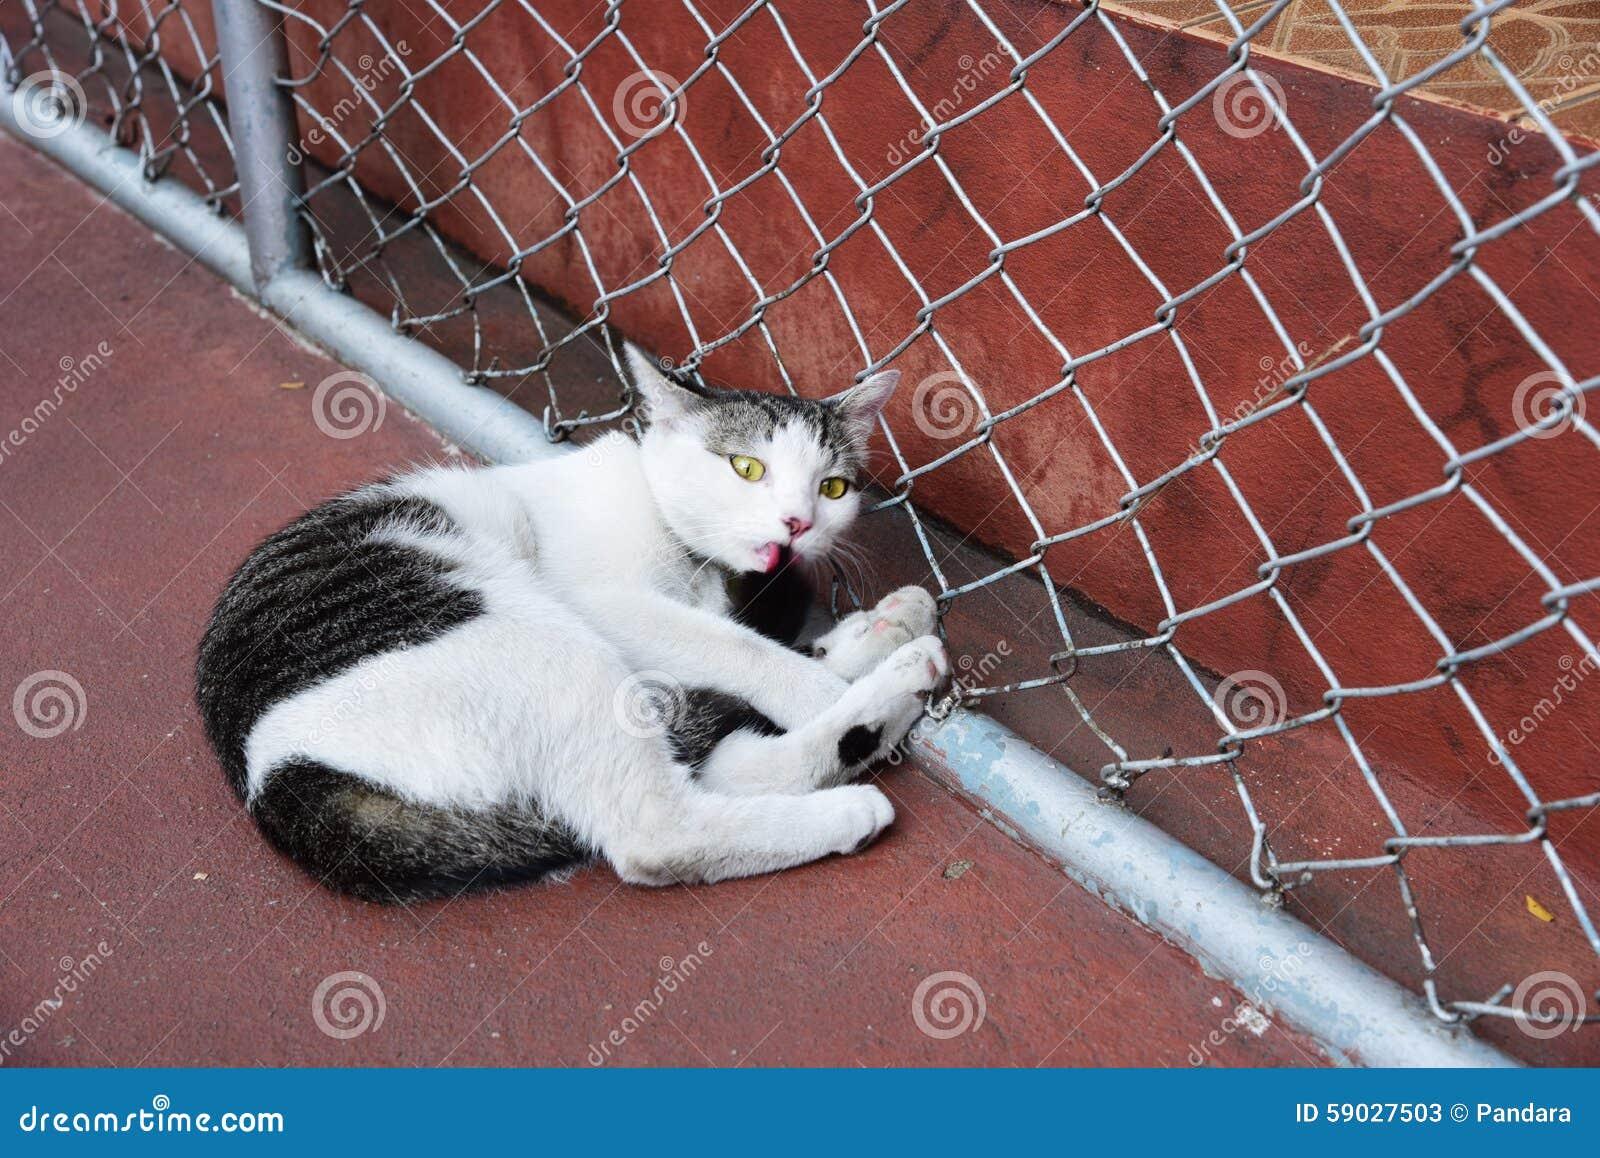 Fermé vers le haut du chat noir et blanc gras se repose sur un plancher